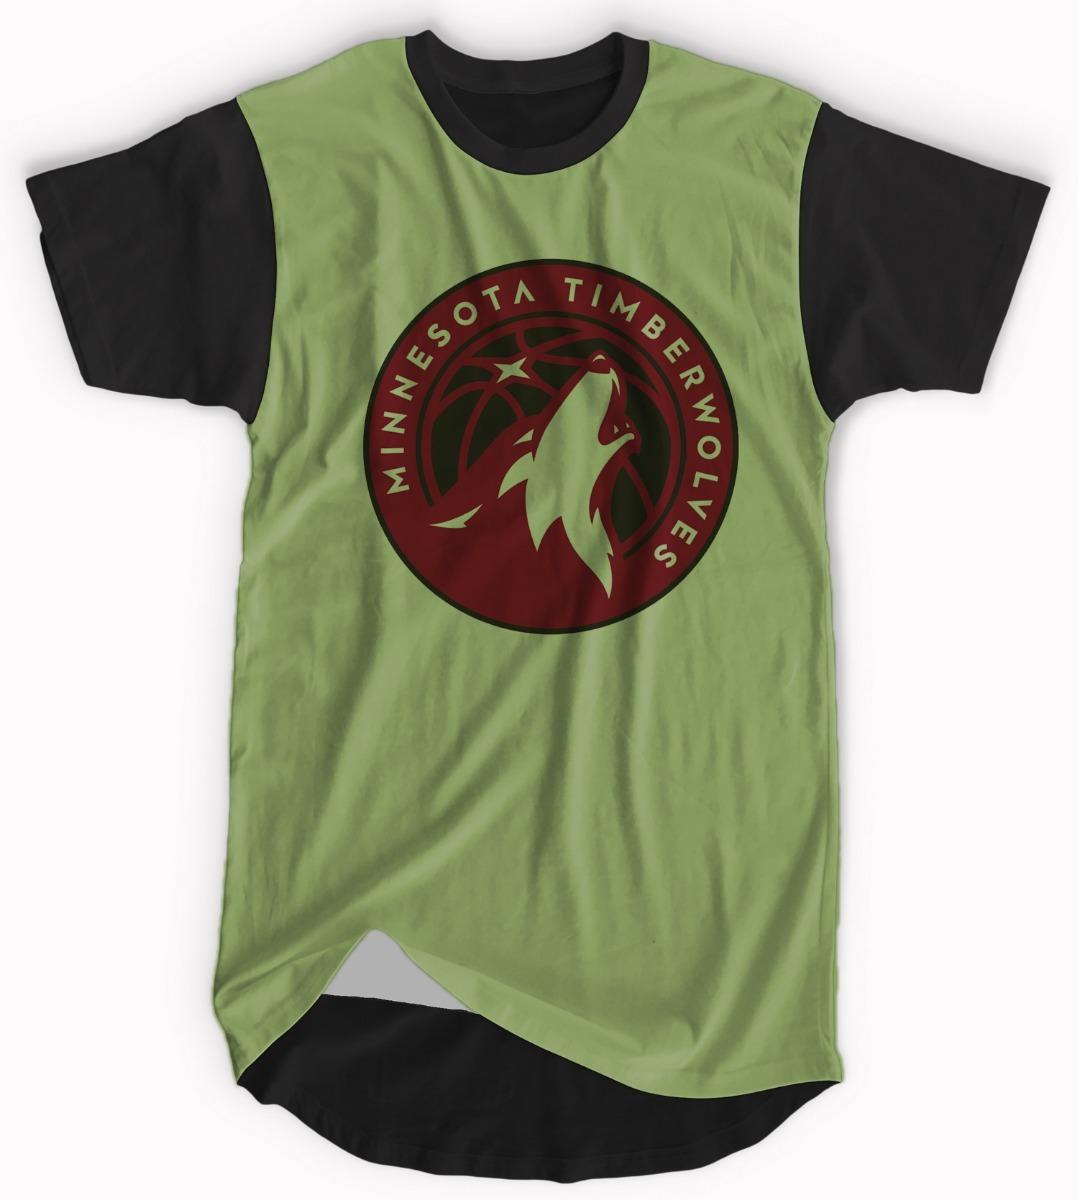 712e2af4da33b camisa minnesota timberwolves longline basquete blusa verde. Carregando  zoom.